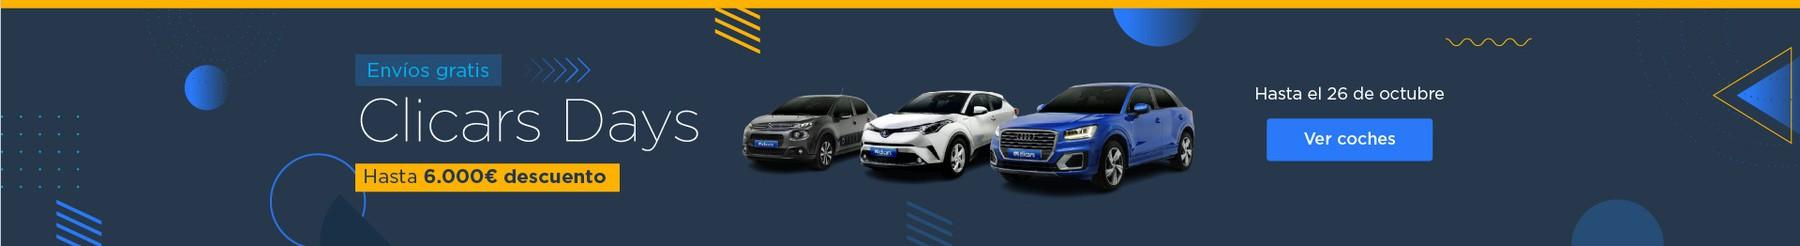 Ofertas de coches